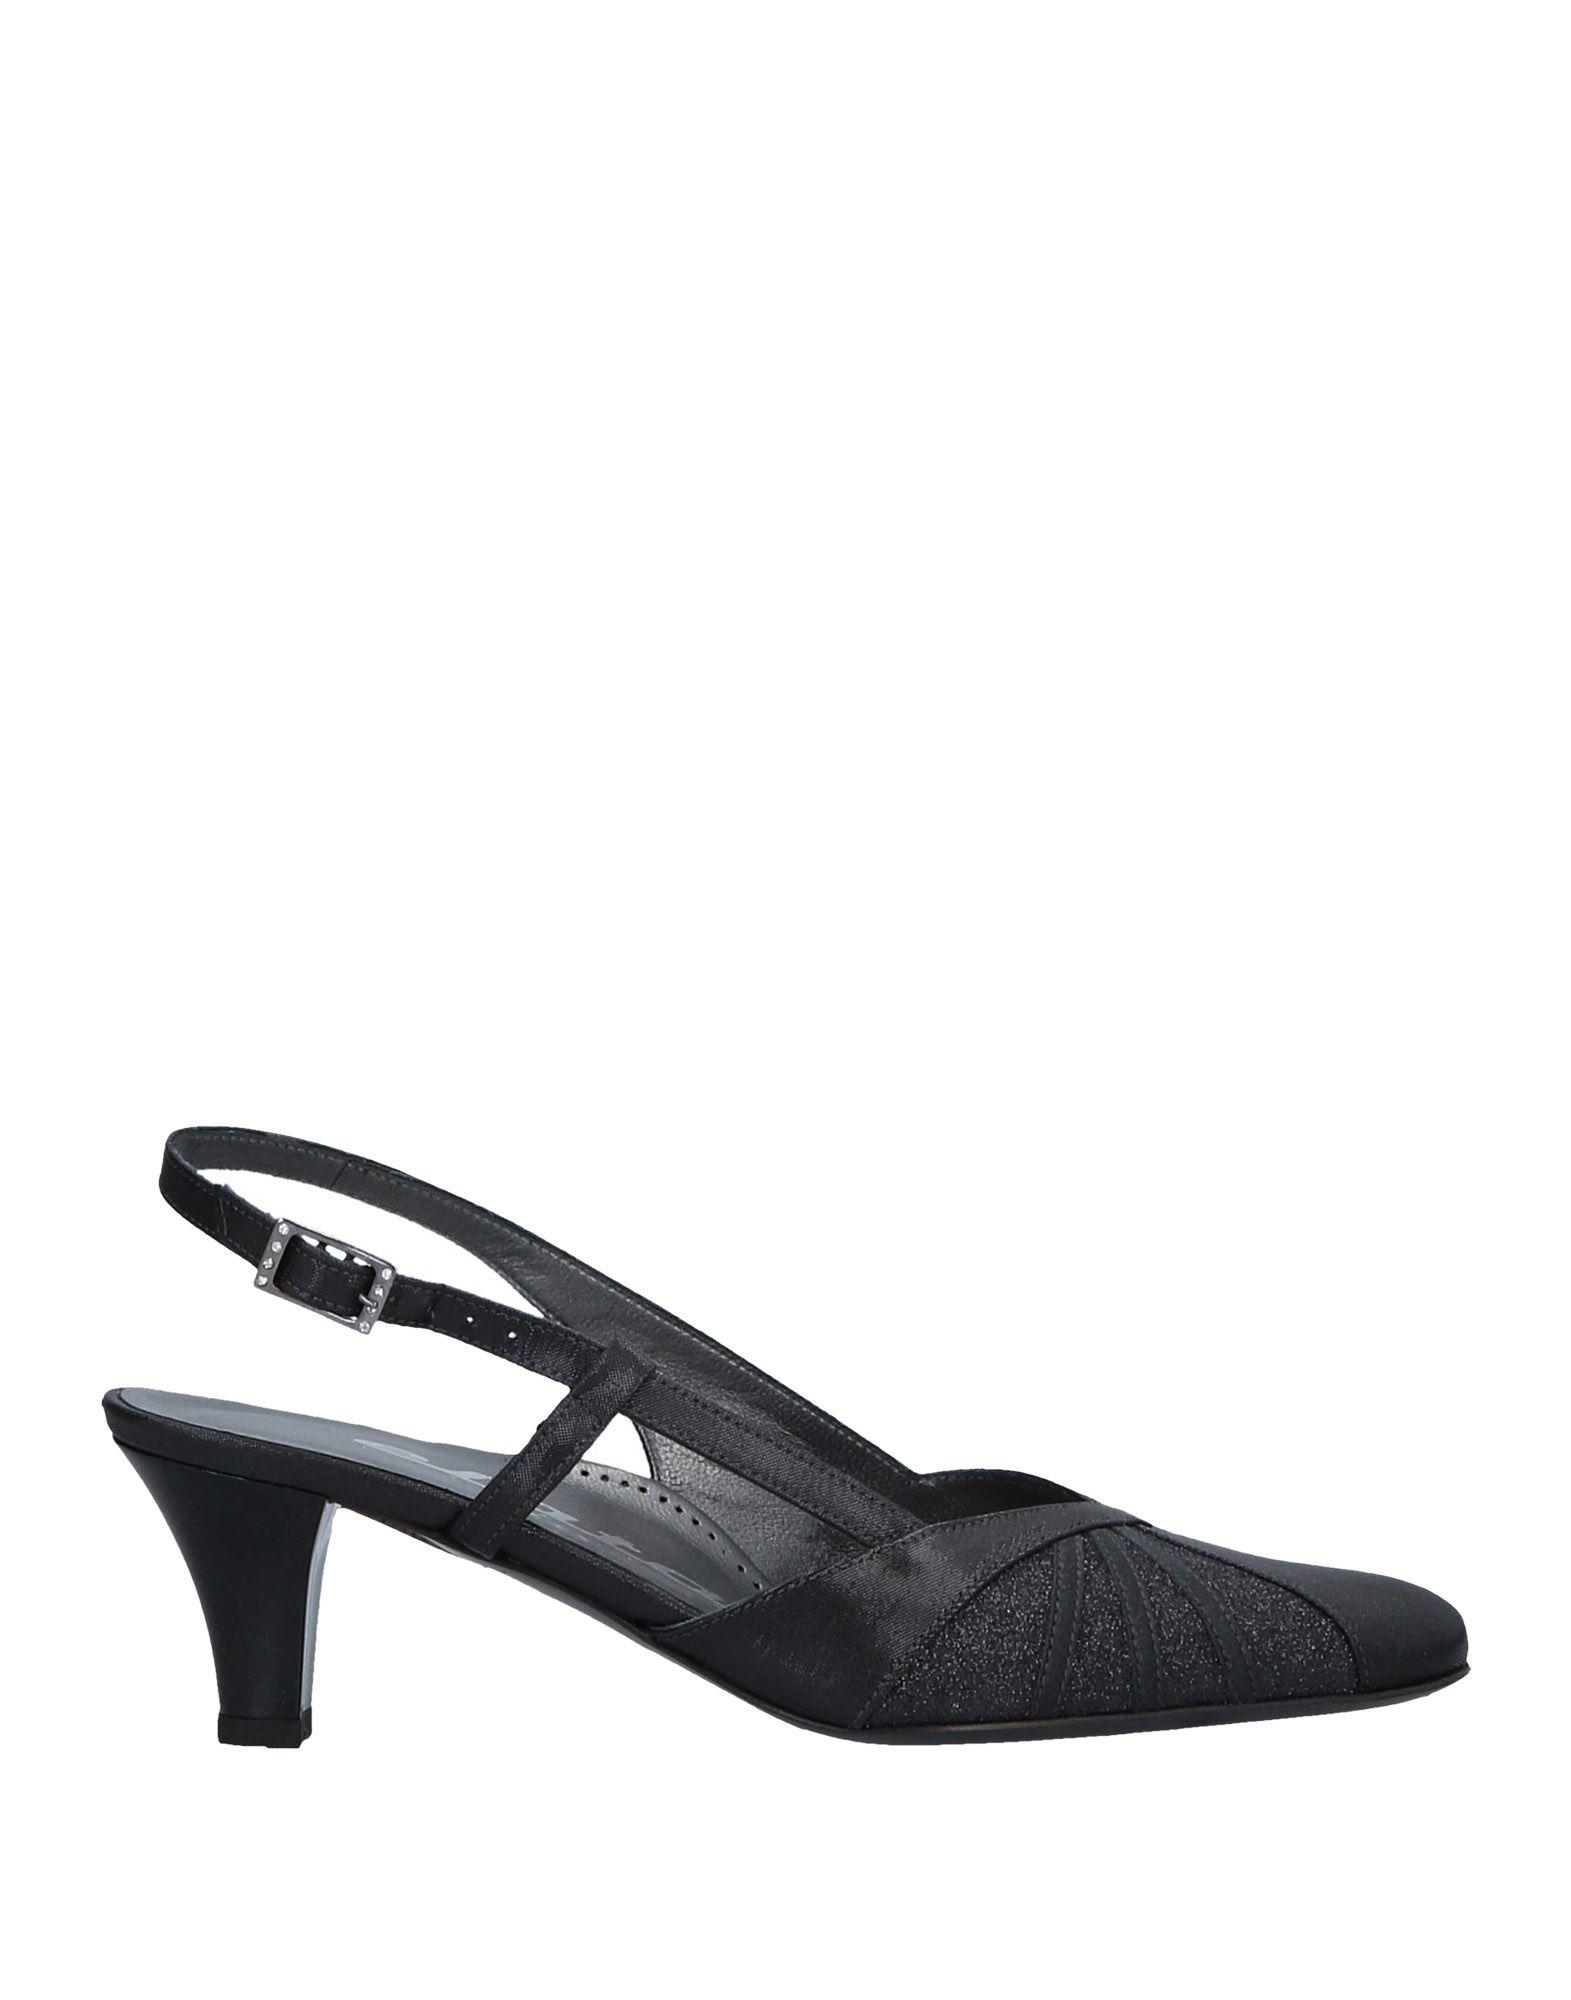 Mocassino Ebarrito offerte Donna - 11457375EX Nuove offerte Ebarrito e scarpe comode 184afc